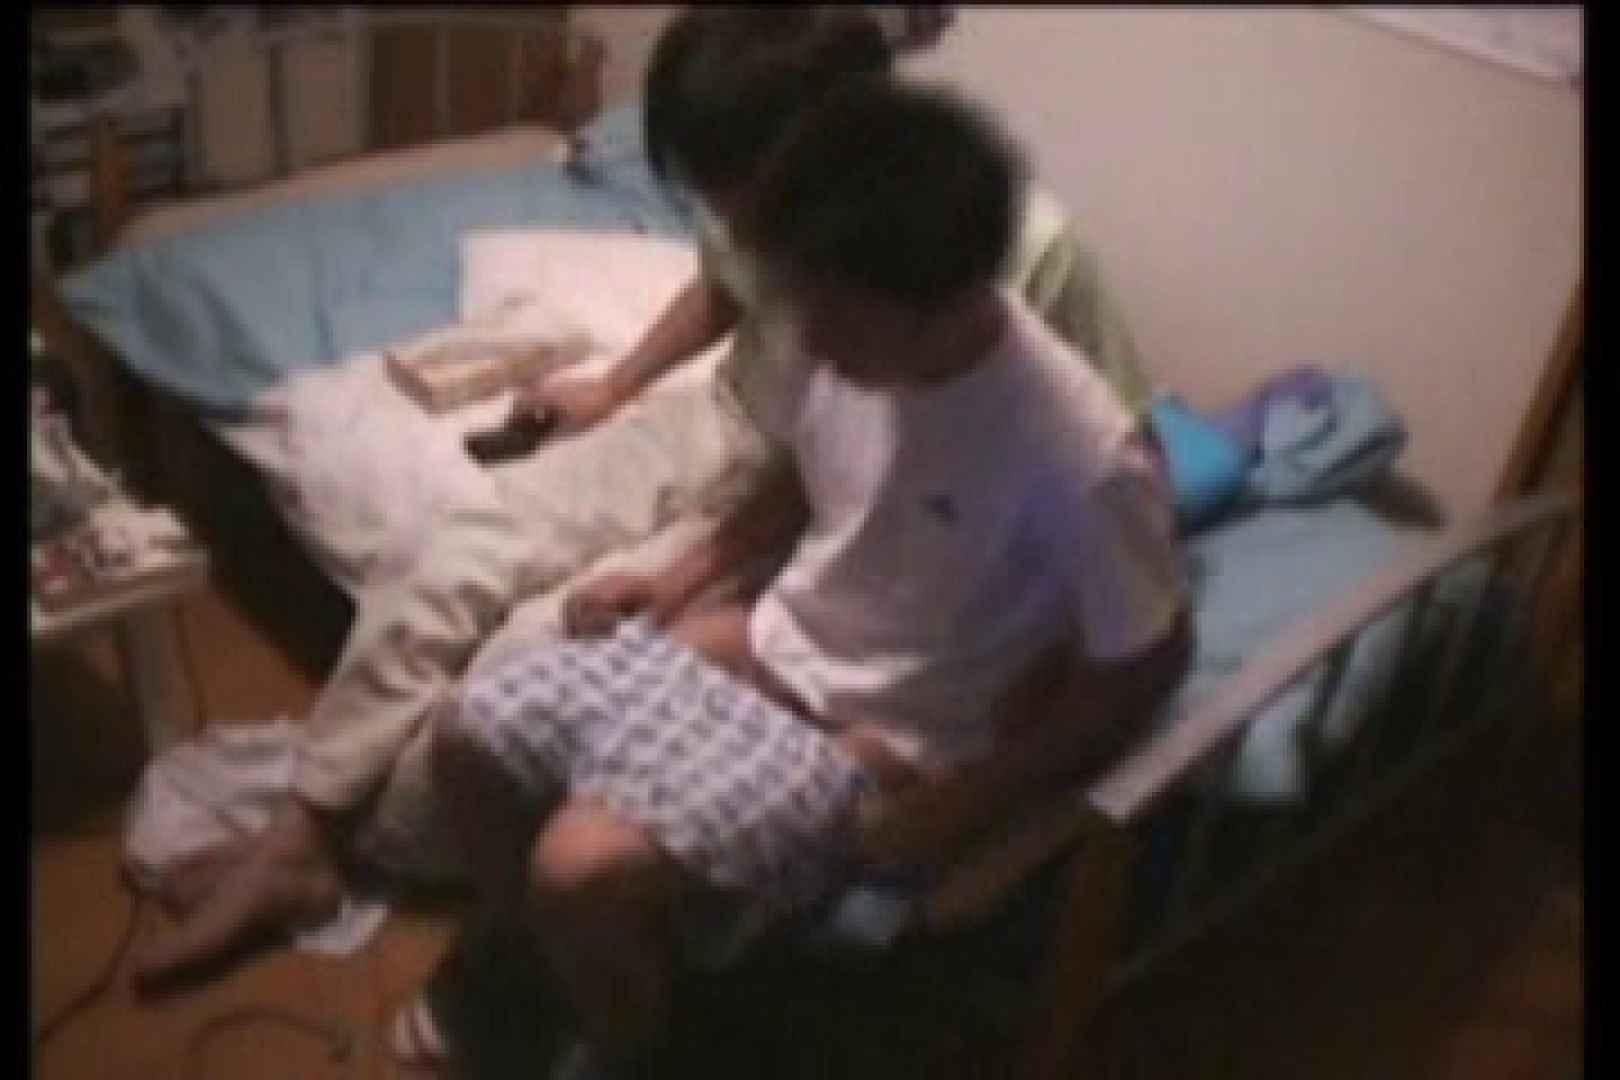 【実録投稿】友達覗撮In my room!! 射精  102pic 23